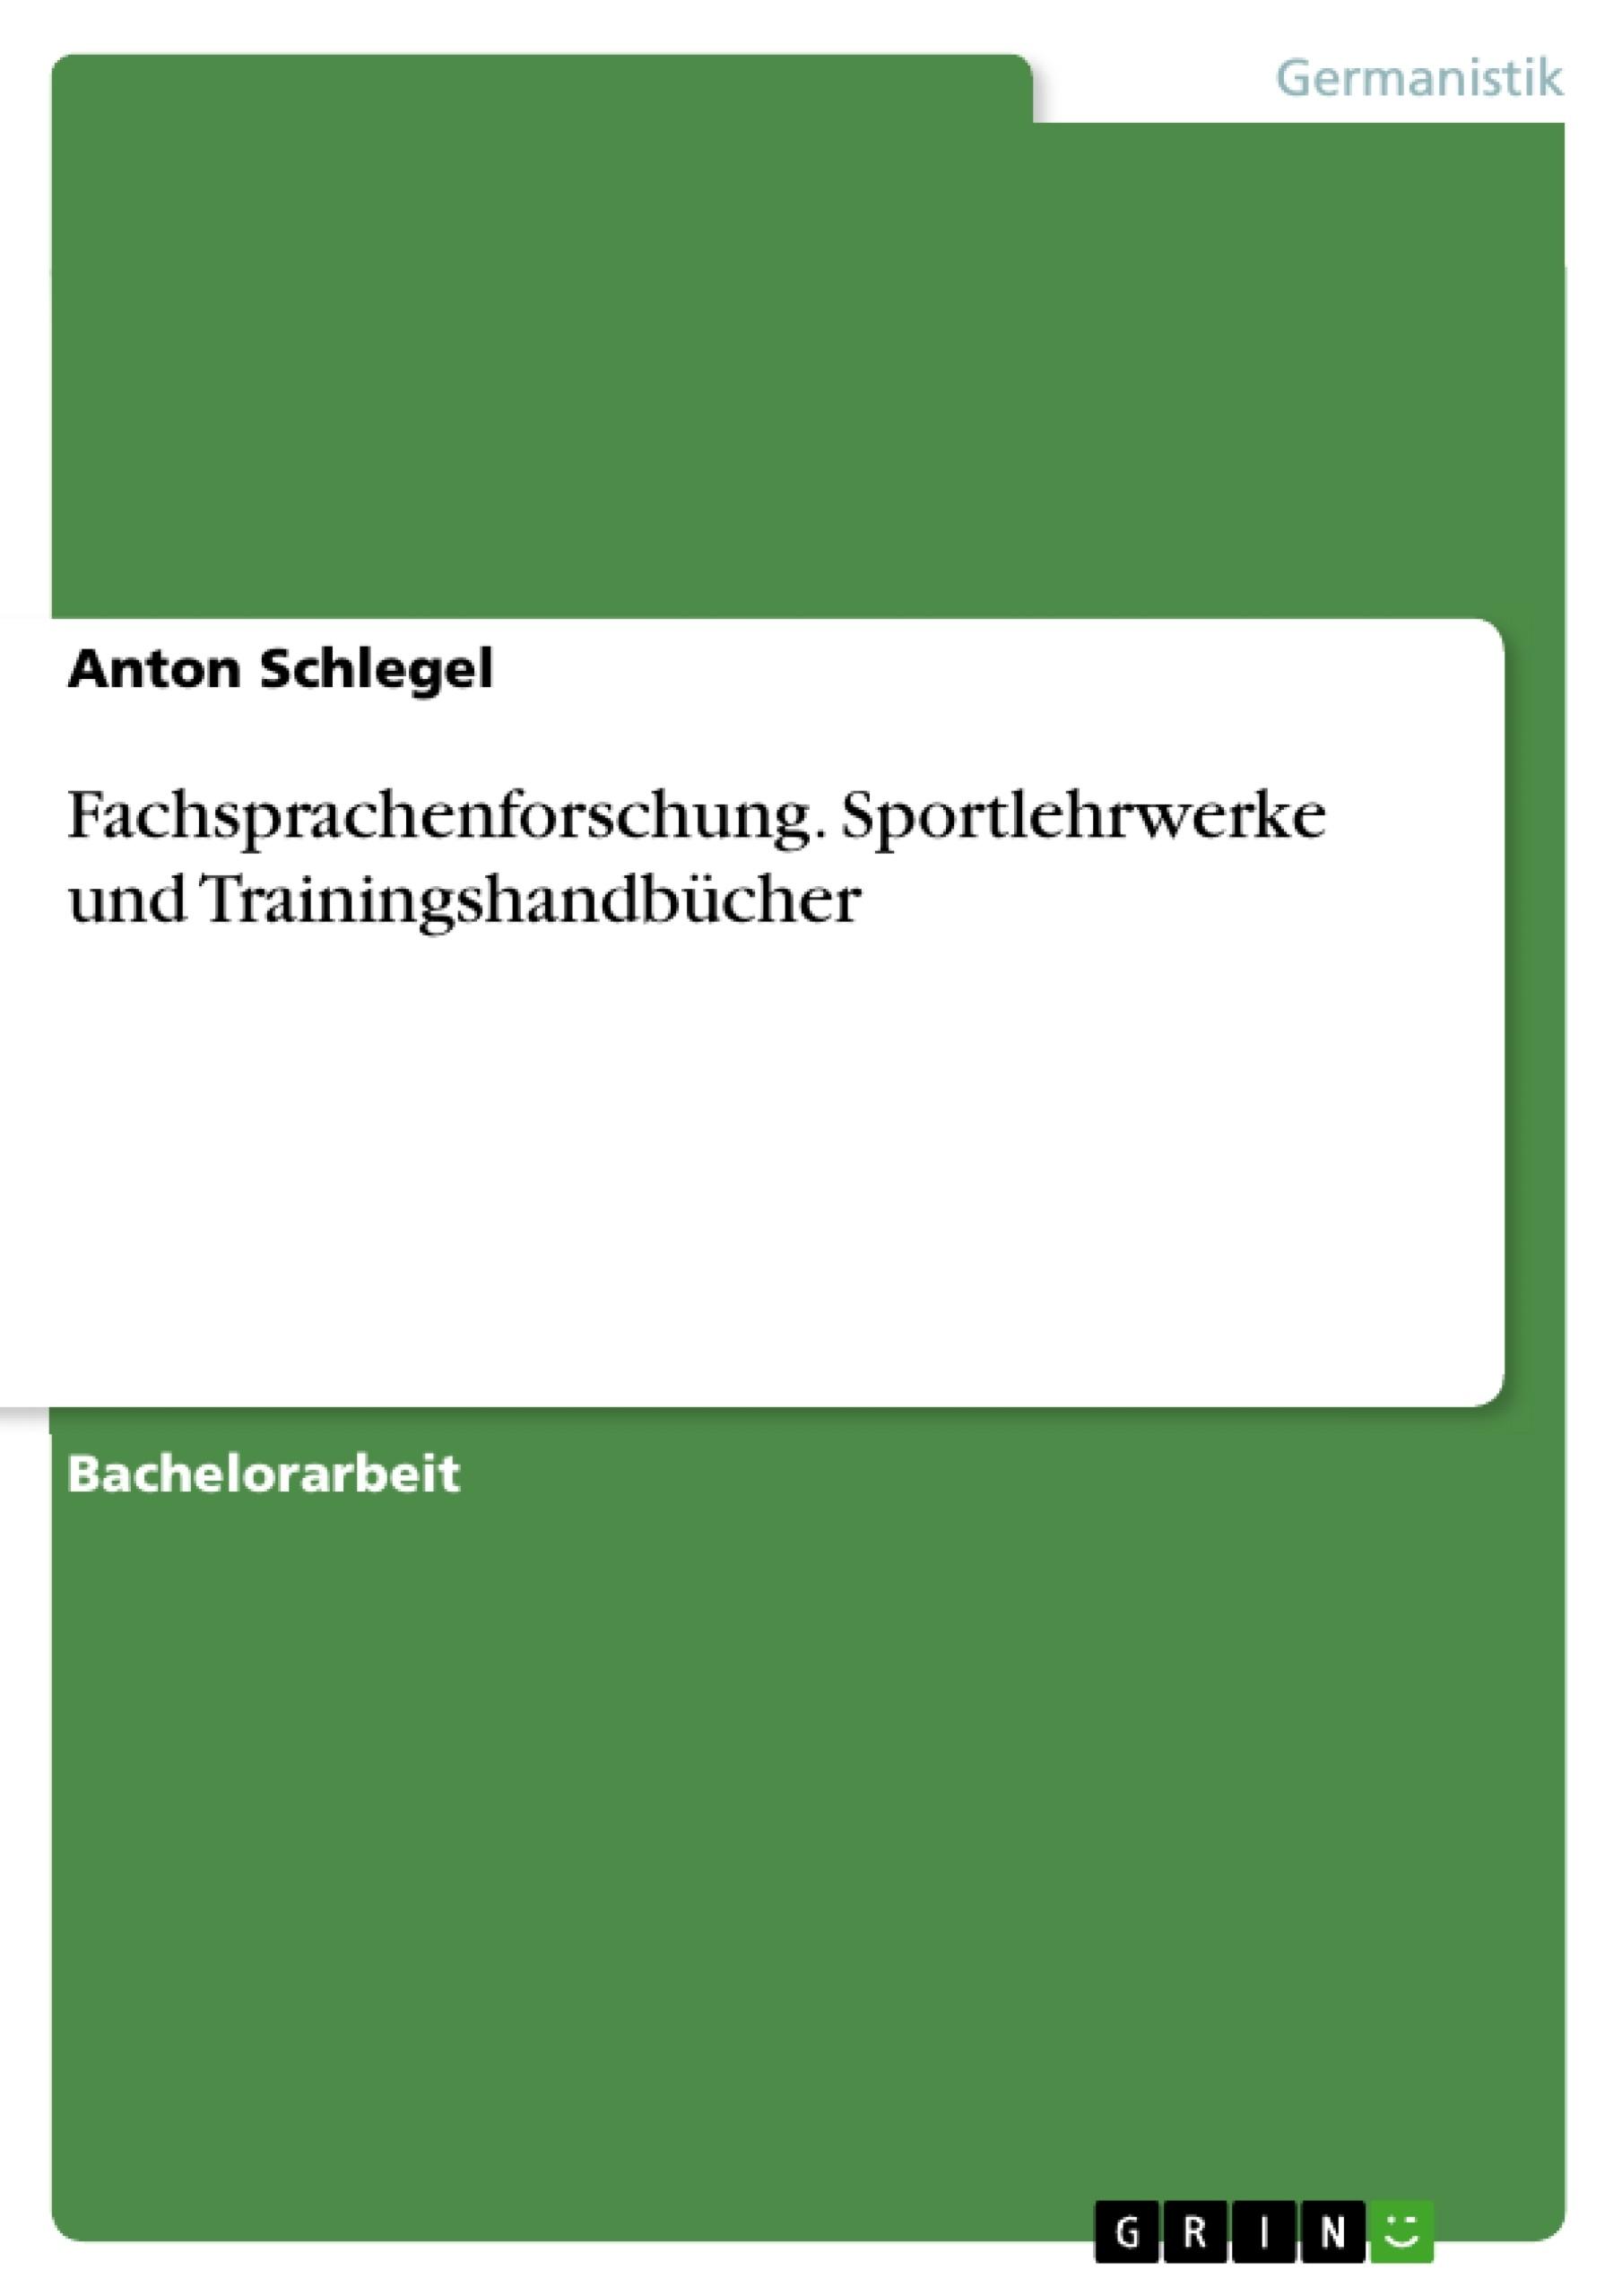 Titel: Fachsprachenforschung. Sportlehrwerke und Trainingshandbücher